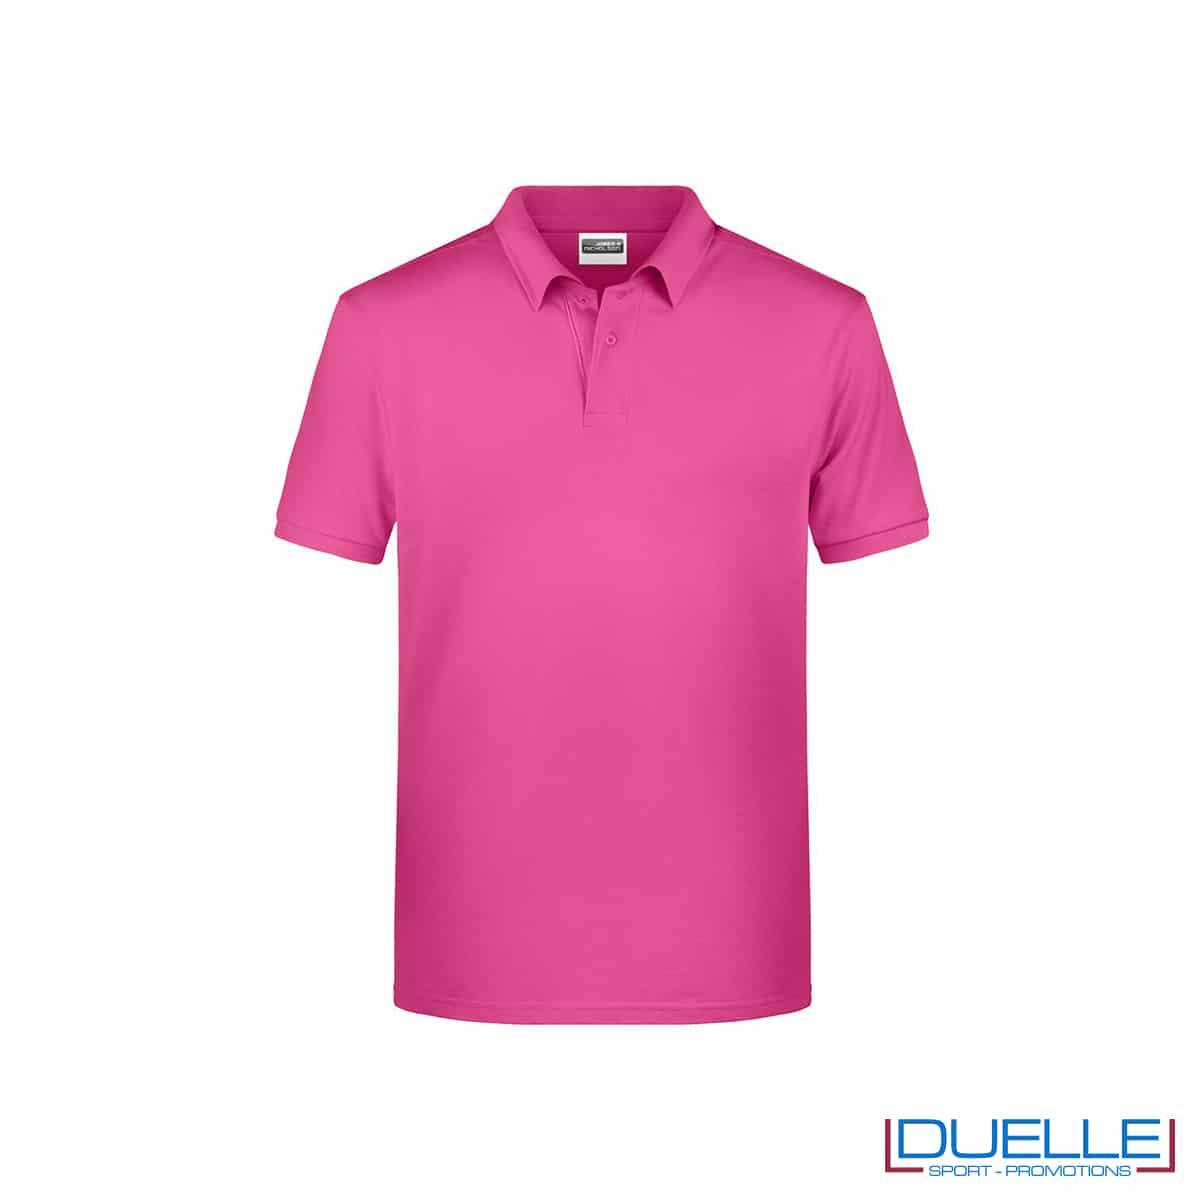 Polo ecologica 100% cotone organico colore rosa